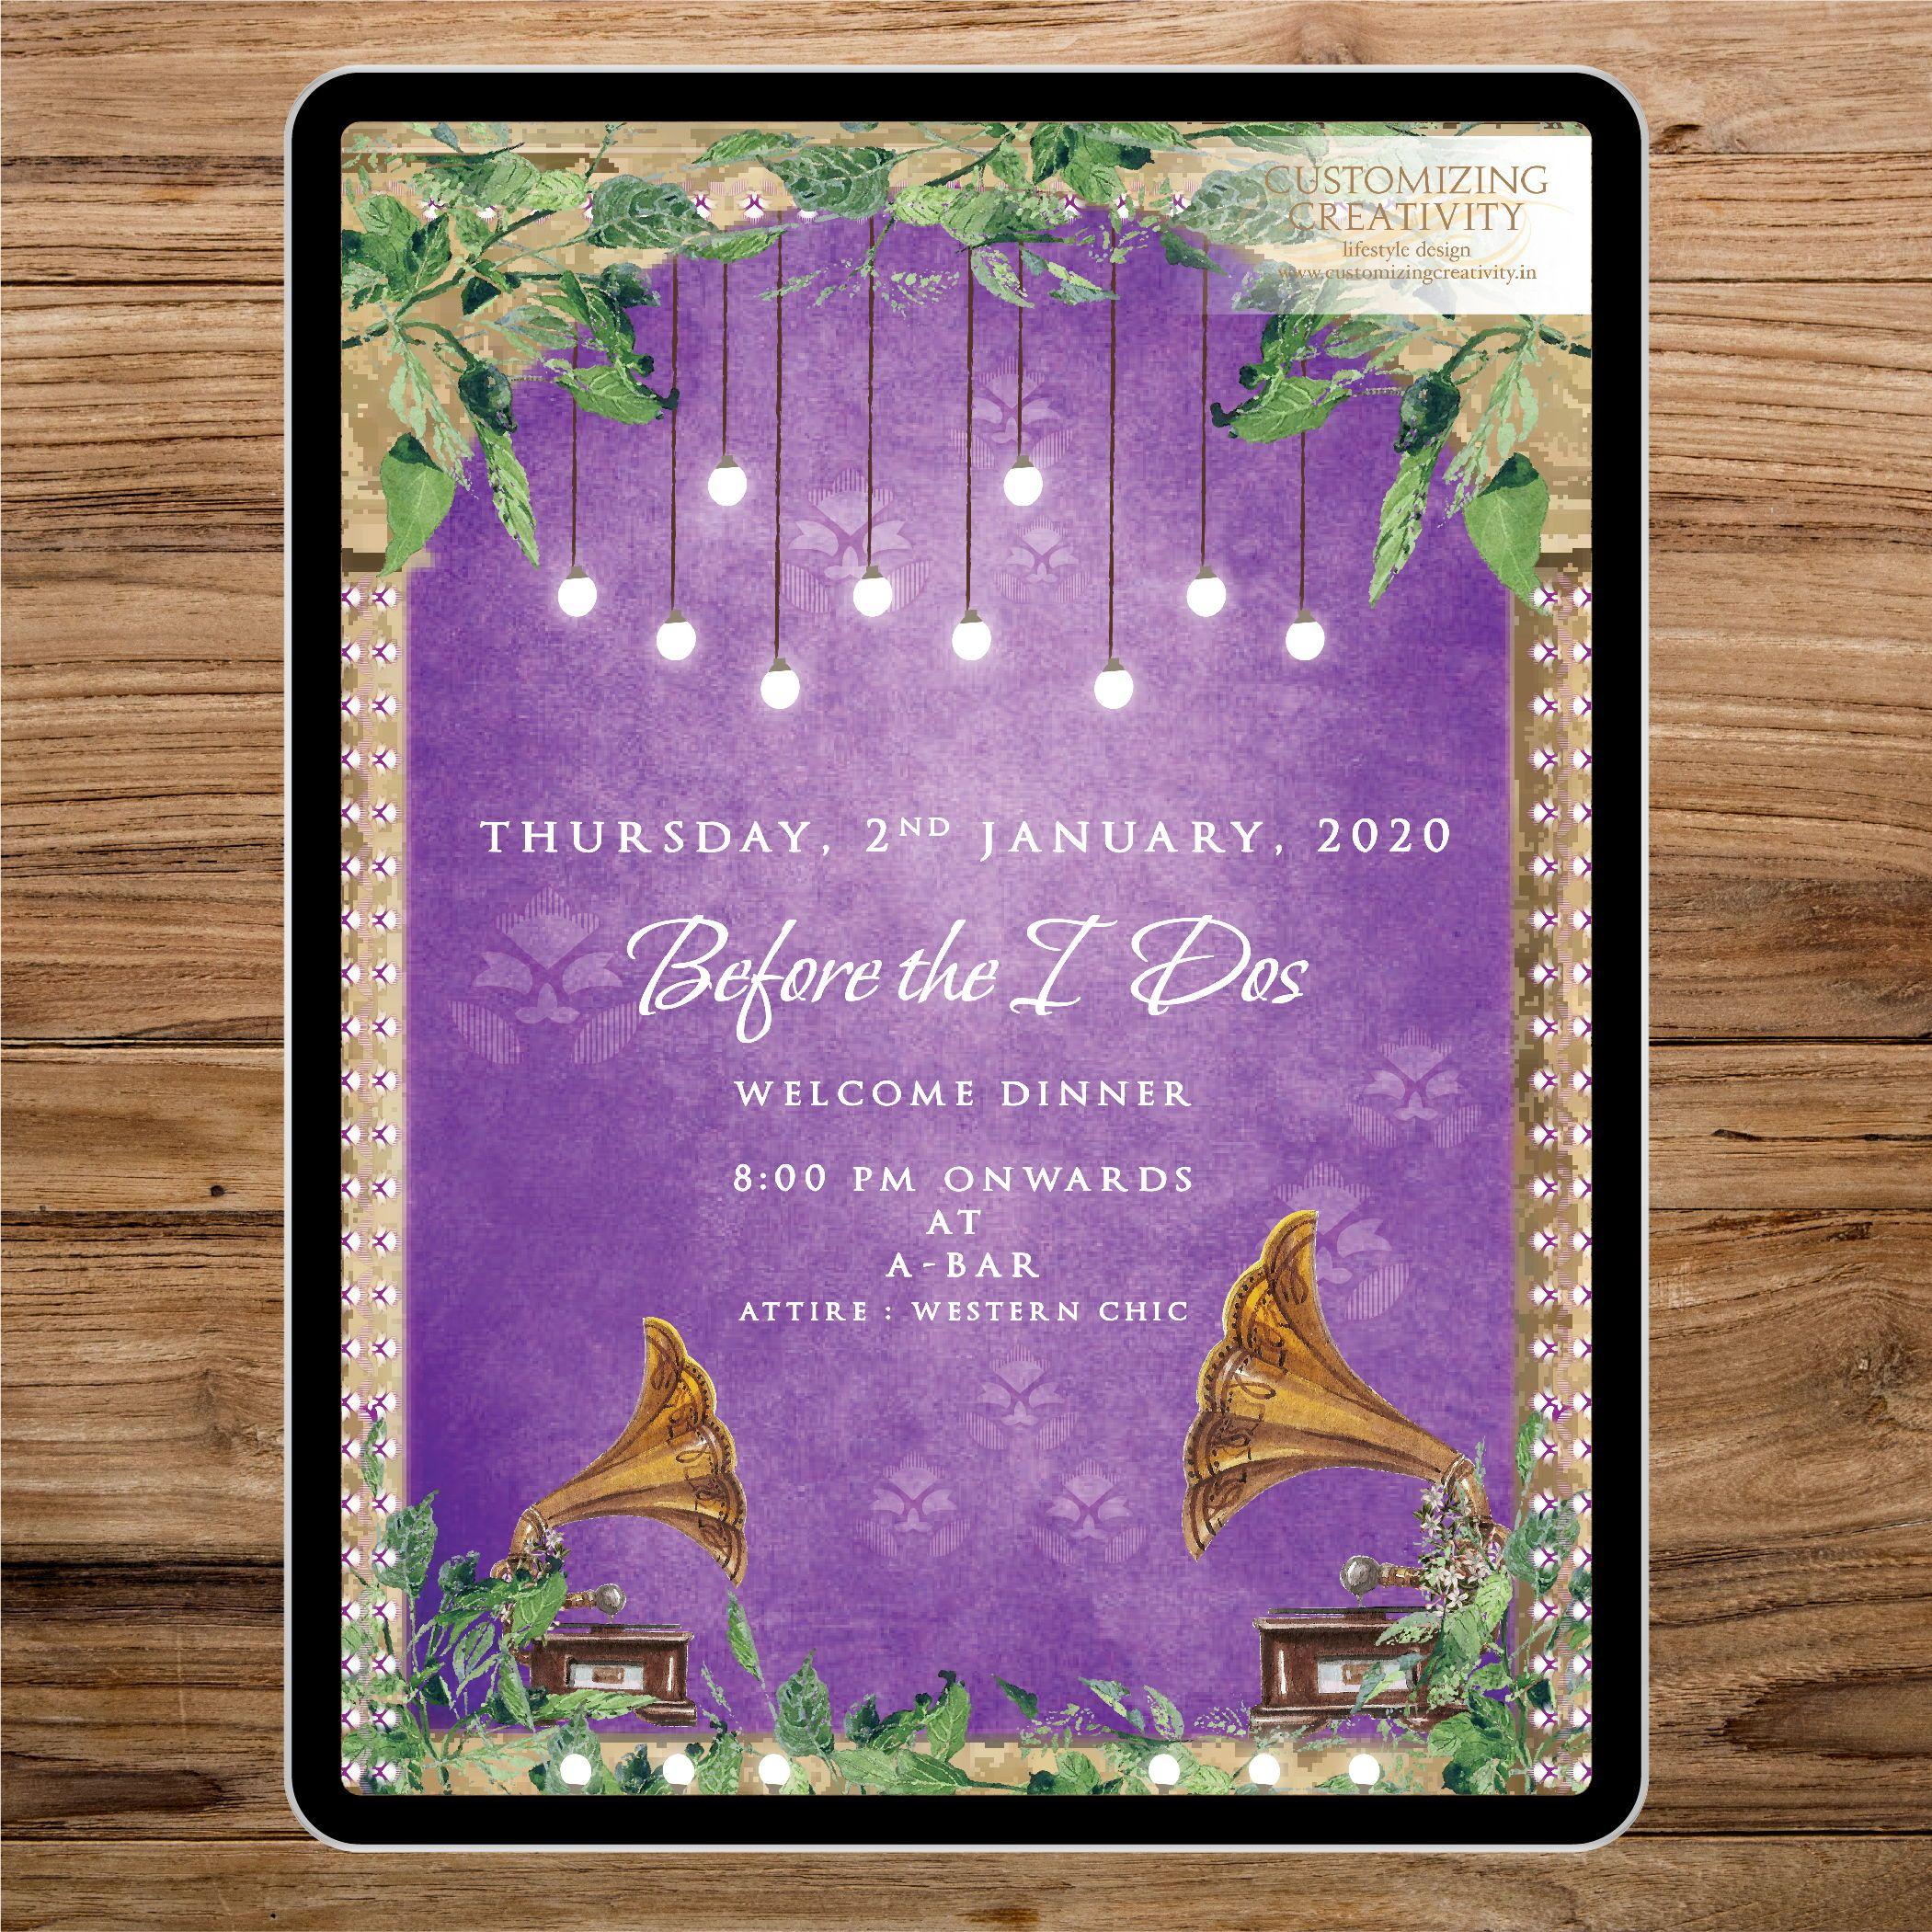 Digital Invites Evite Designs Eversion E Vite E Cards Invites Invitation Cards Wedding Invite Indian Wedding Cards Wedding Cards Simple Wedding Cards